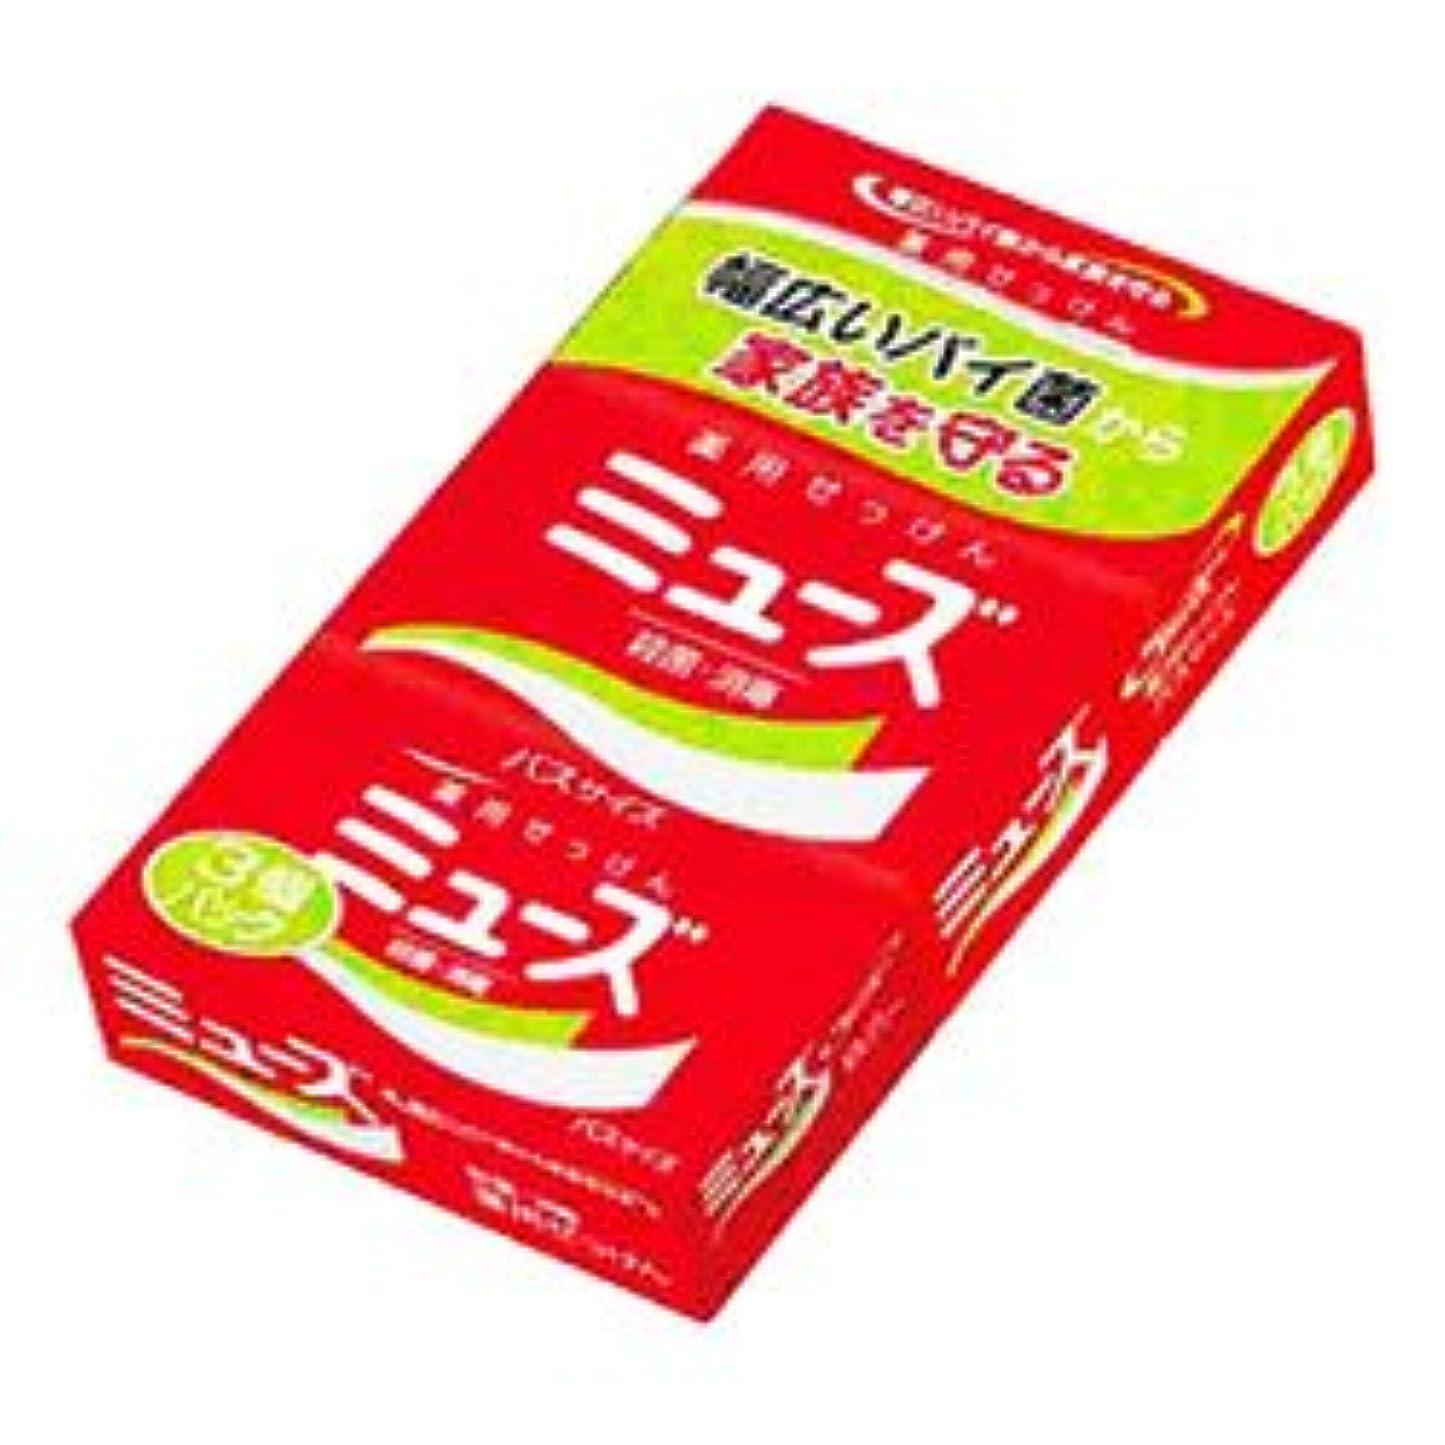 電気陽性。ストレージ【アース製薬】ミューズ石鹸 バスサイズ 135g*3 ×20個セット